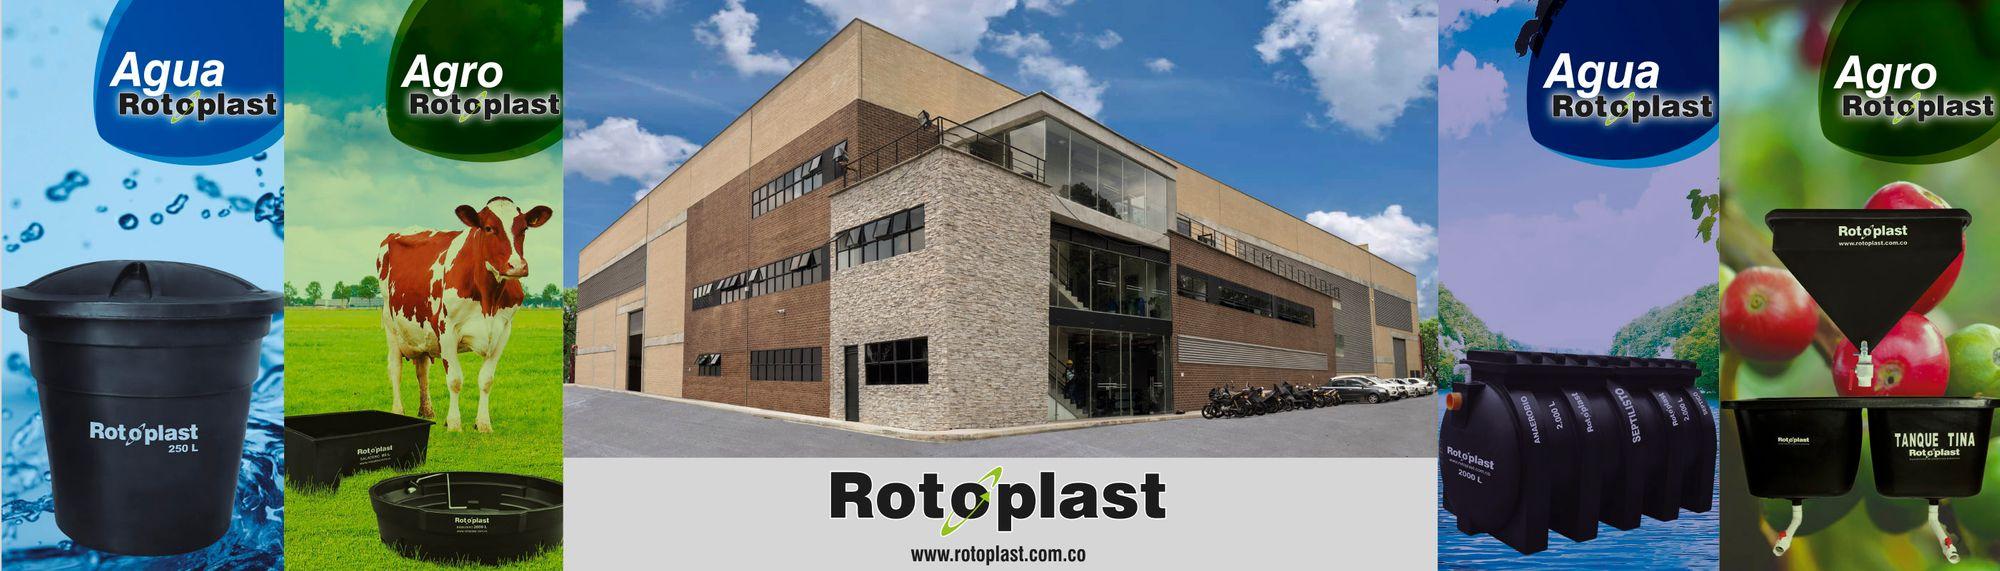 Rotoplast, productividad, calidad y servicio